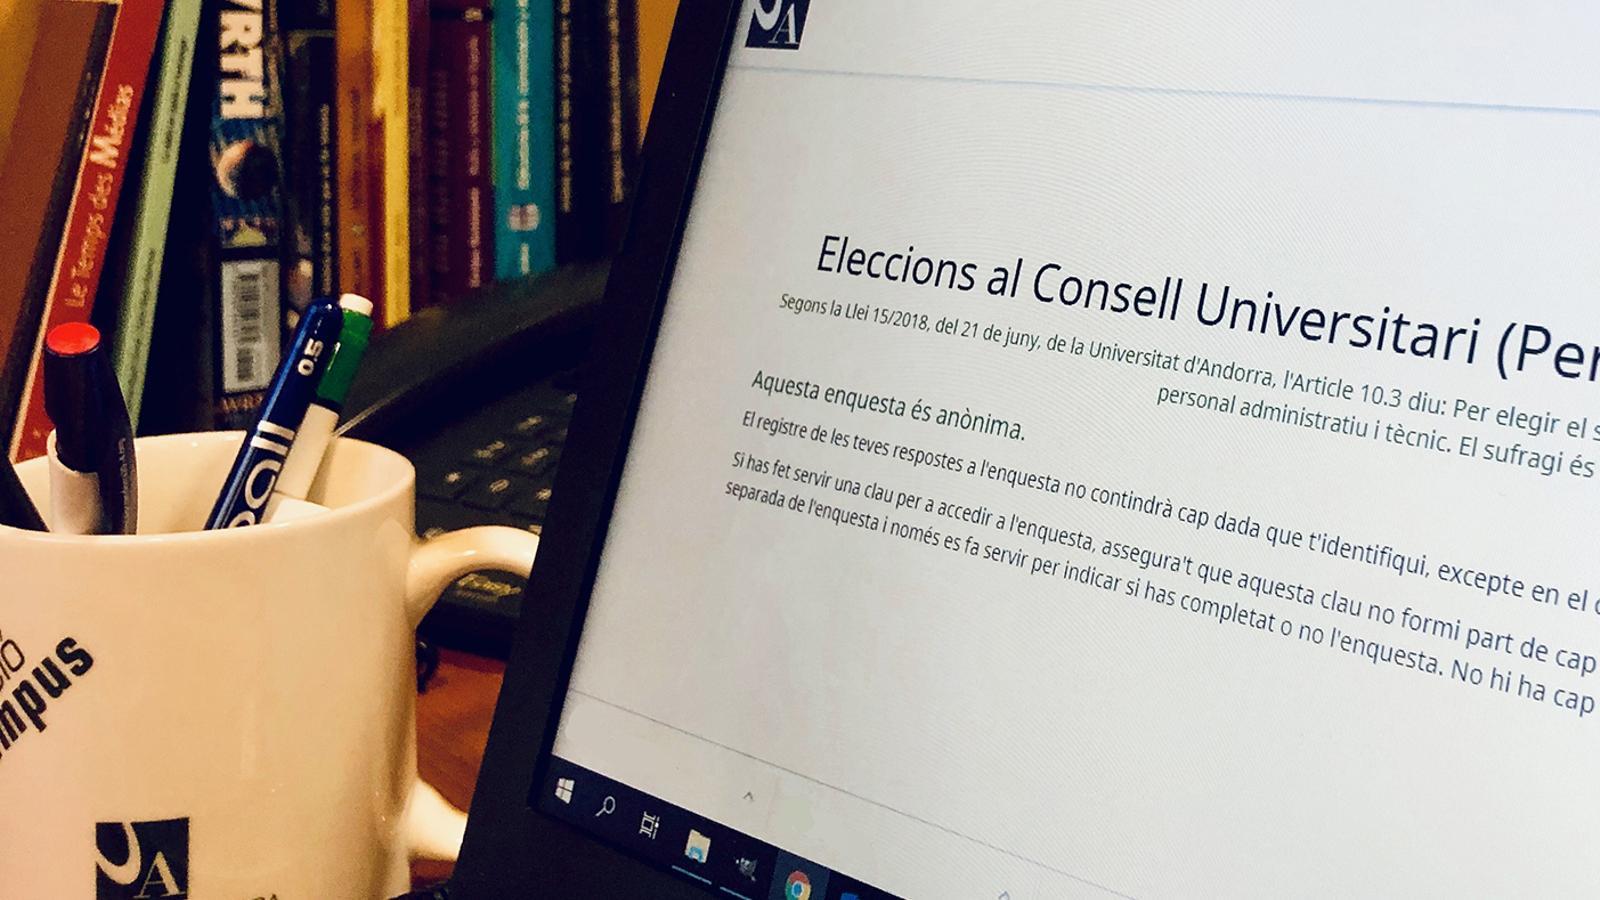 Les eleccions universitàries s'han fet amb vot electrònic. / UdA